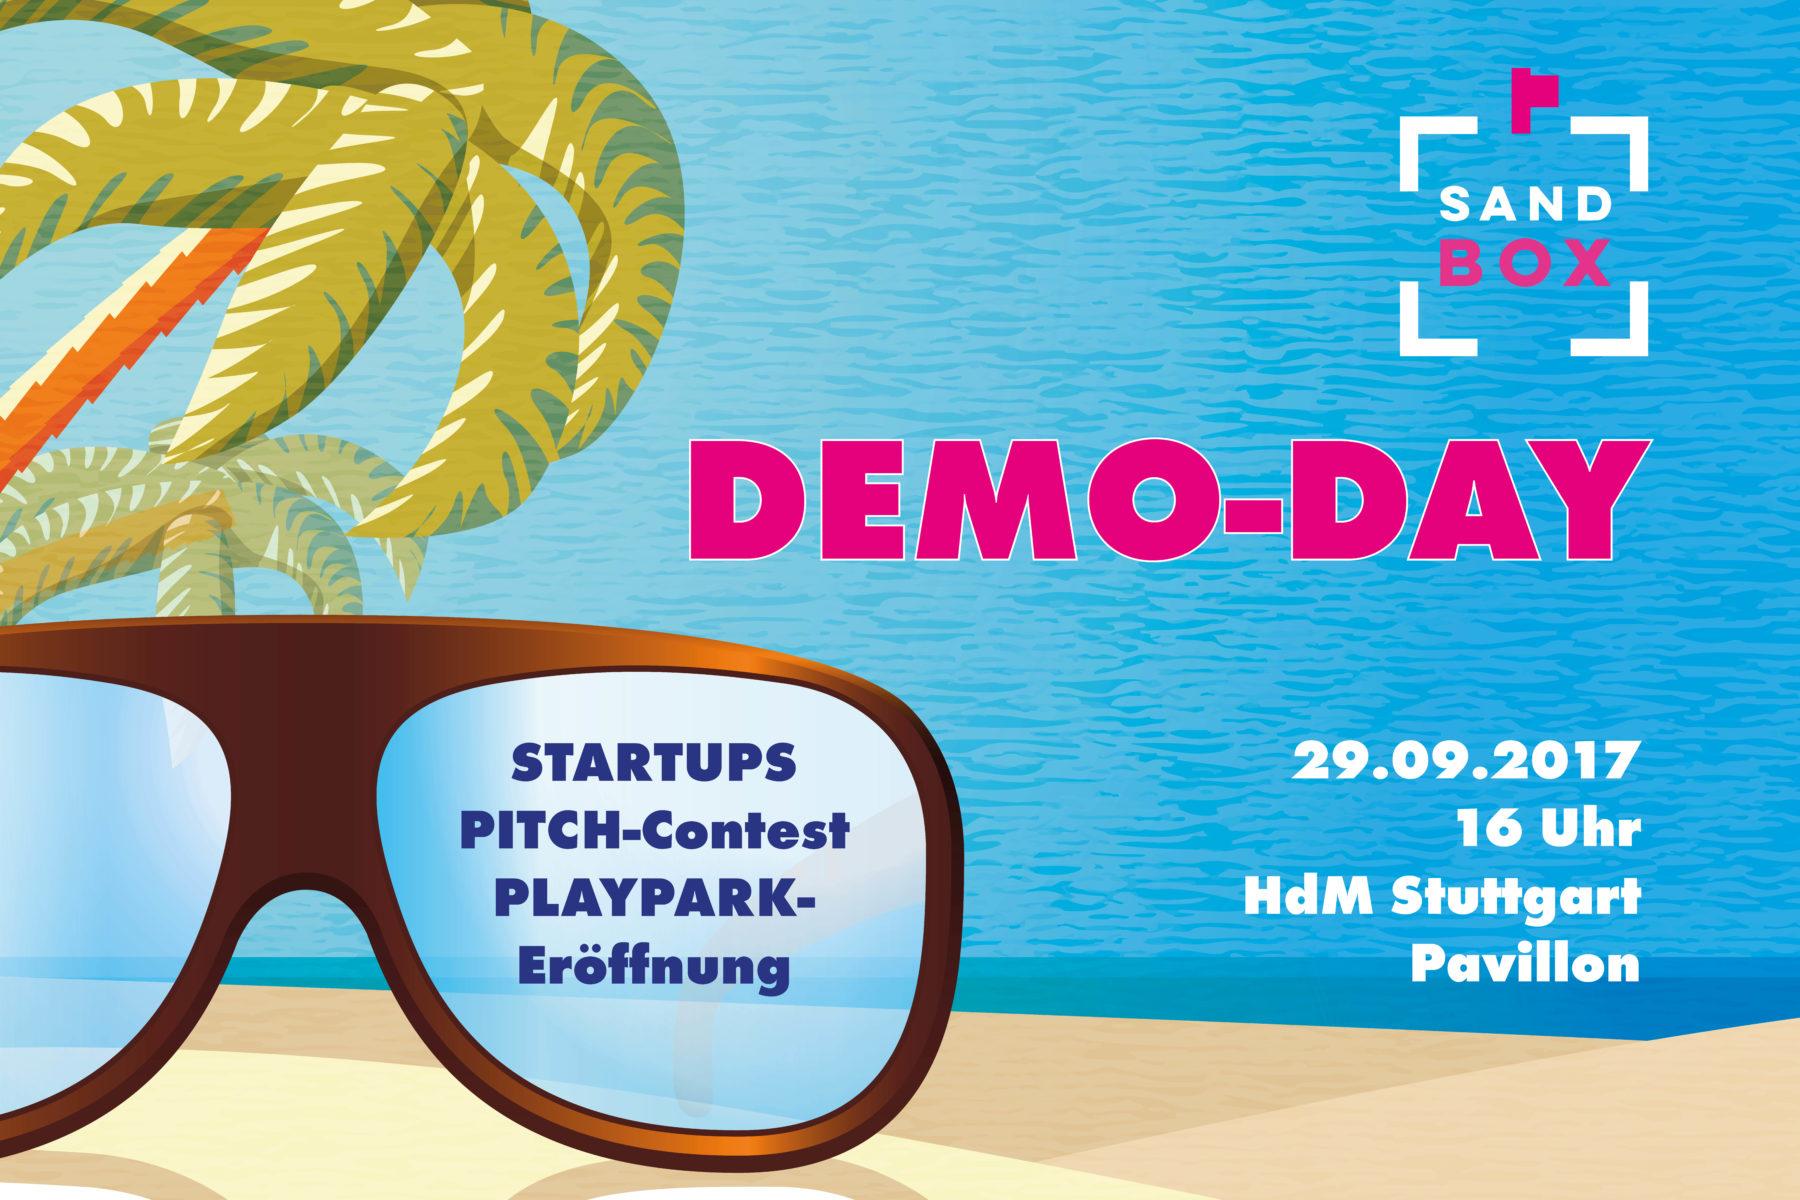 Zehn Startups zeigen's uns: Einladung zum SANDBOX Demo-Day am 29. September 2017